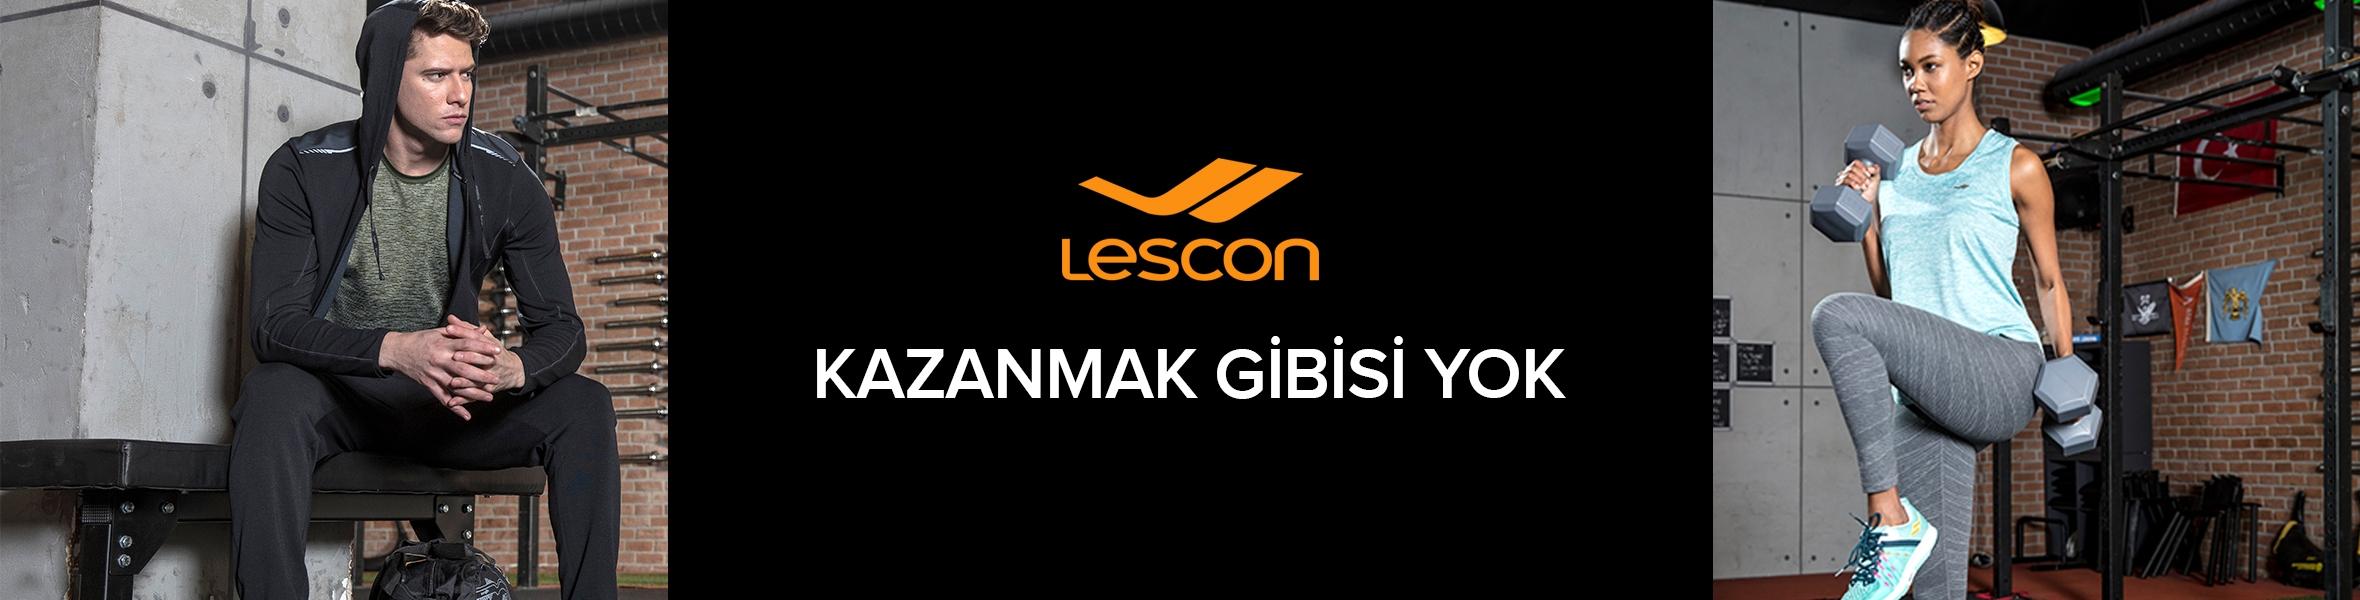 Lescon 3 Al 2 Öde Kampanyası